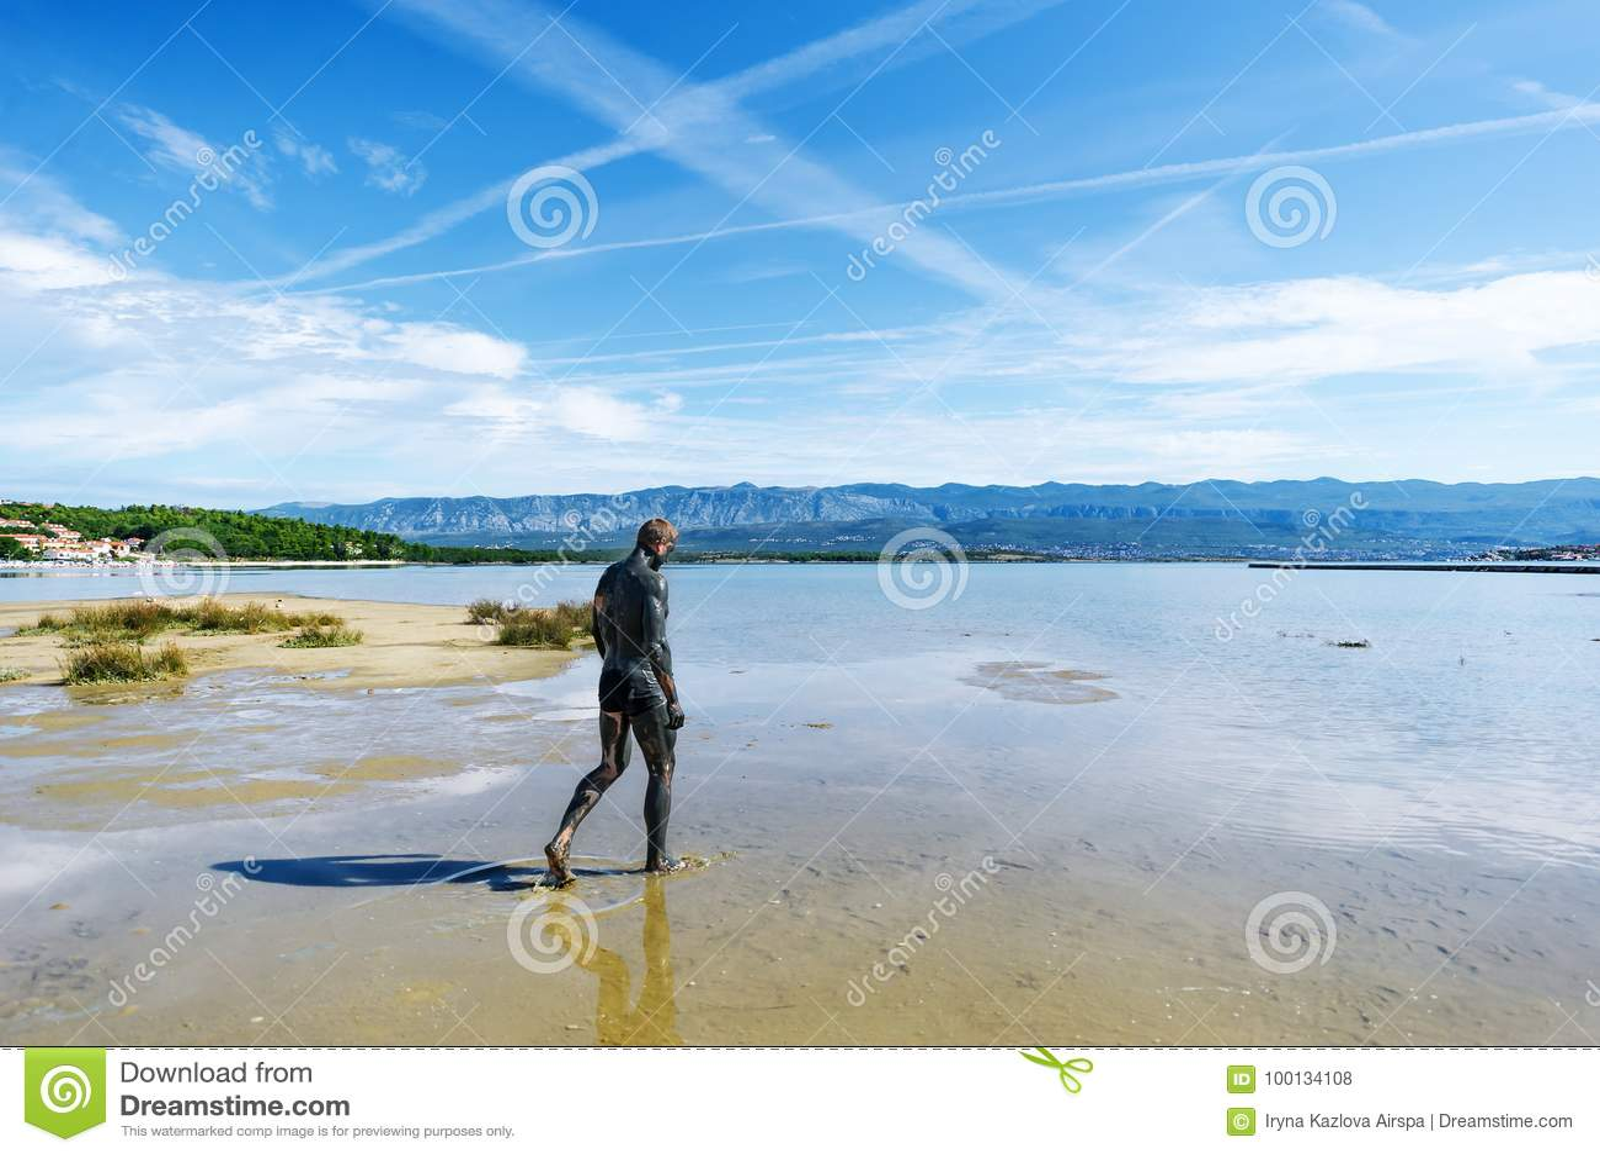 用治疗泥盖的人在海滩走